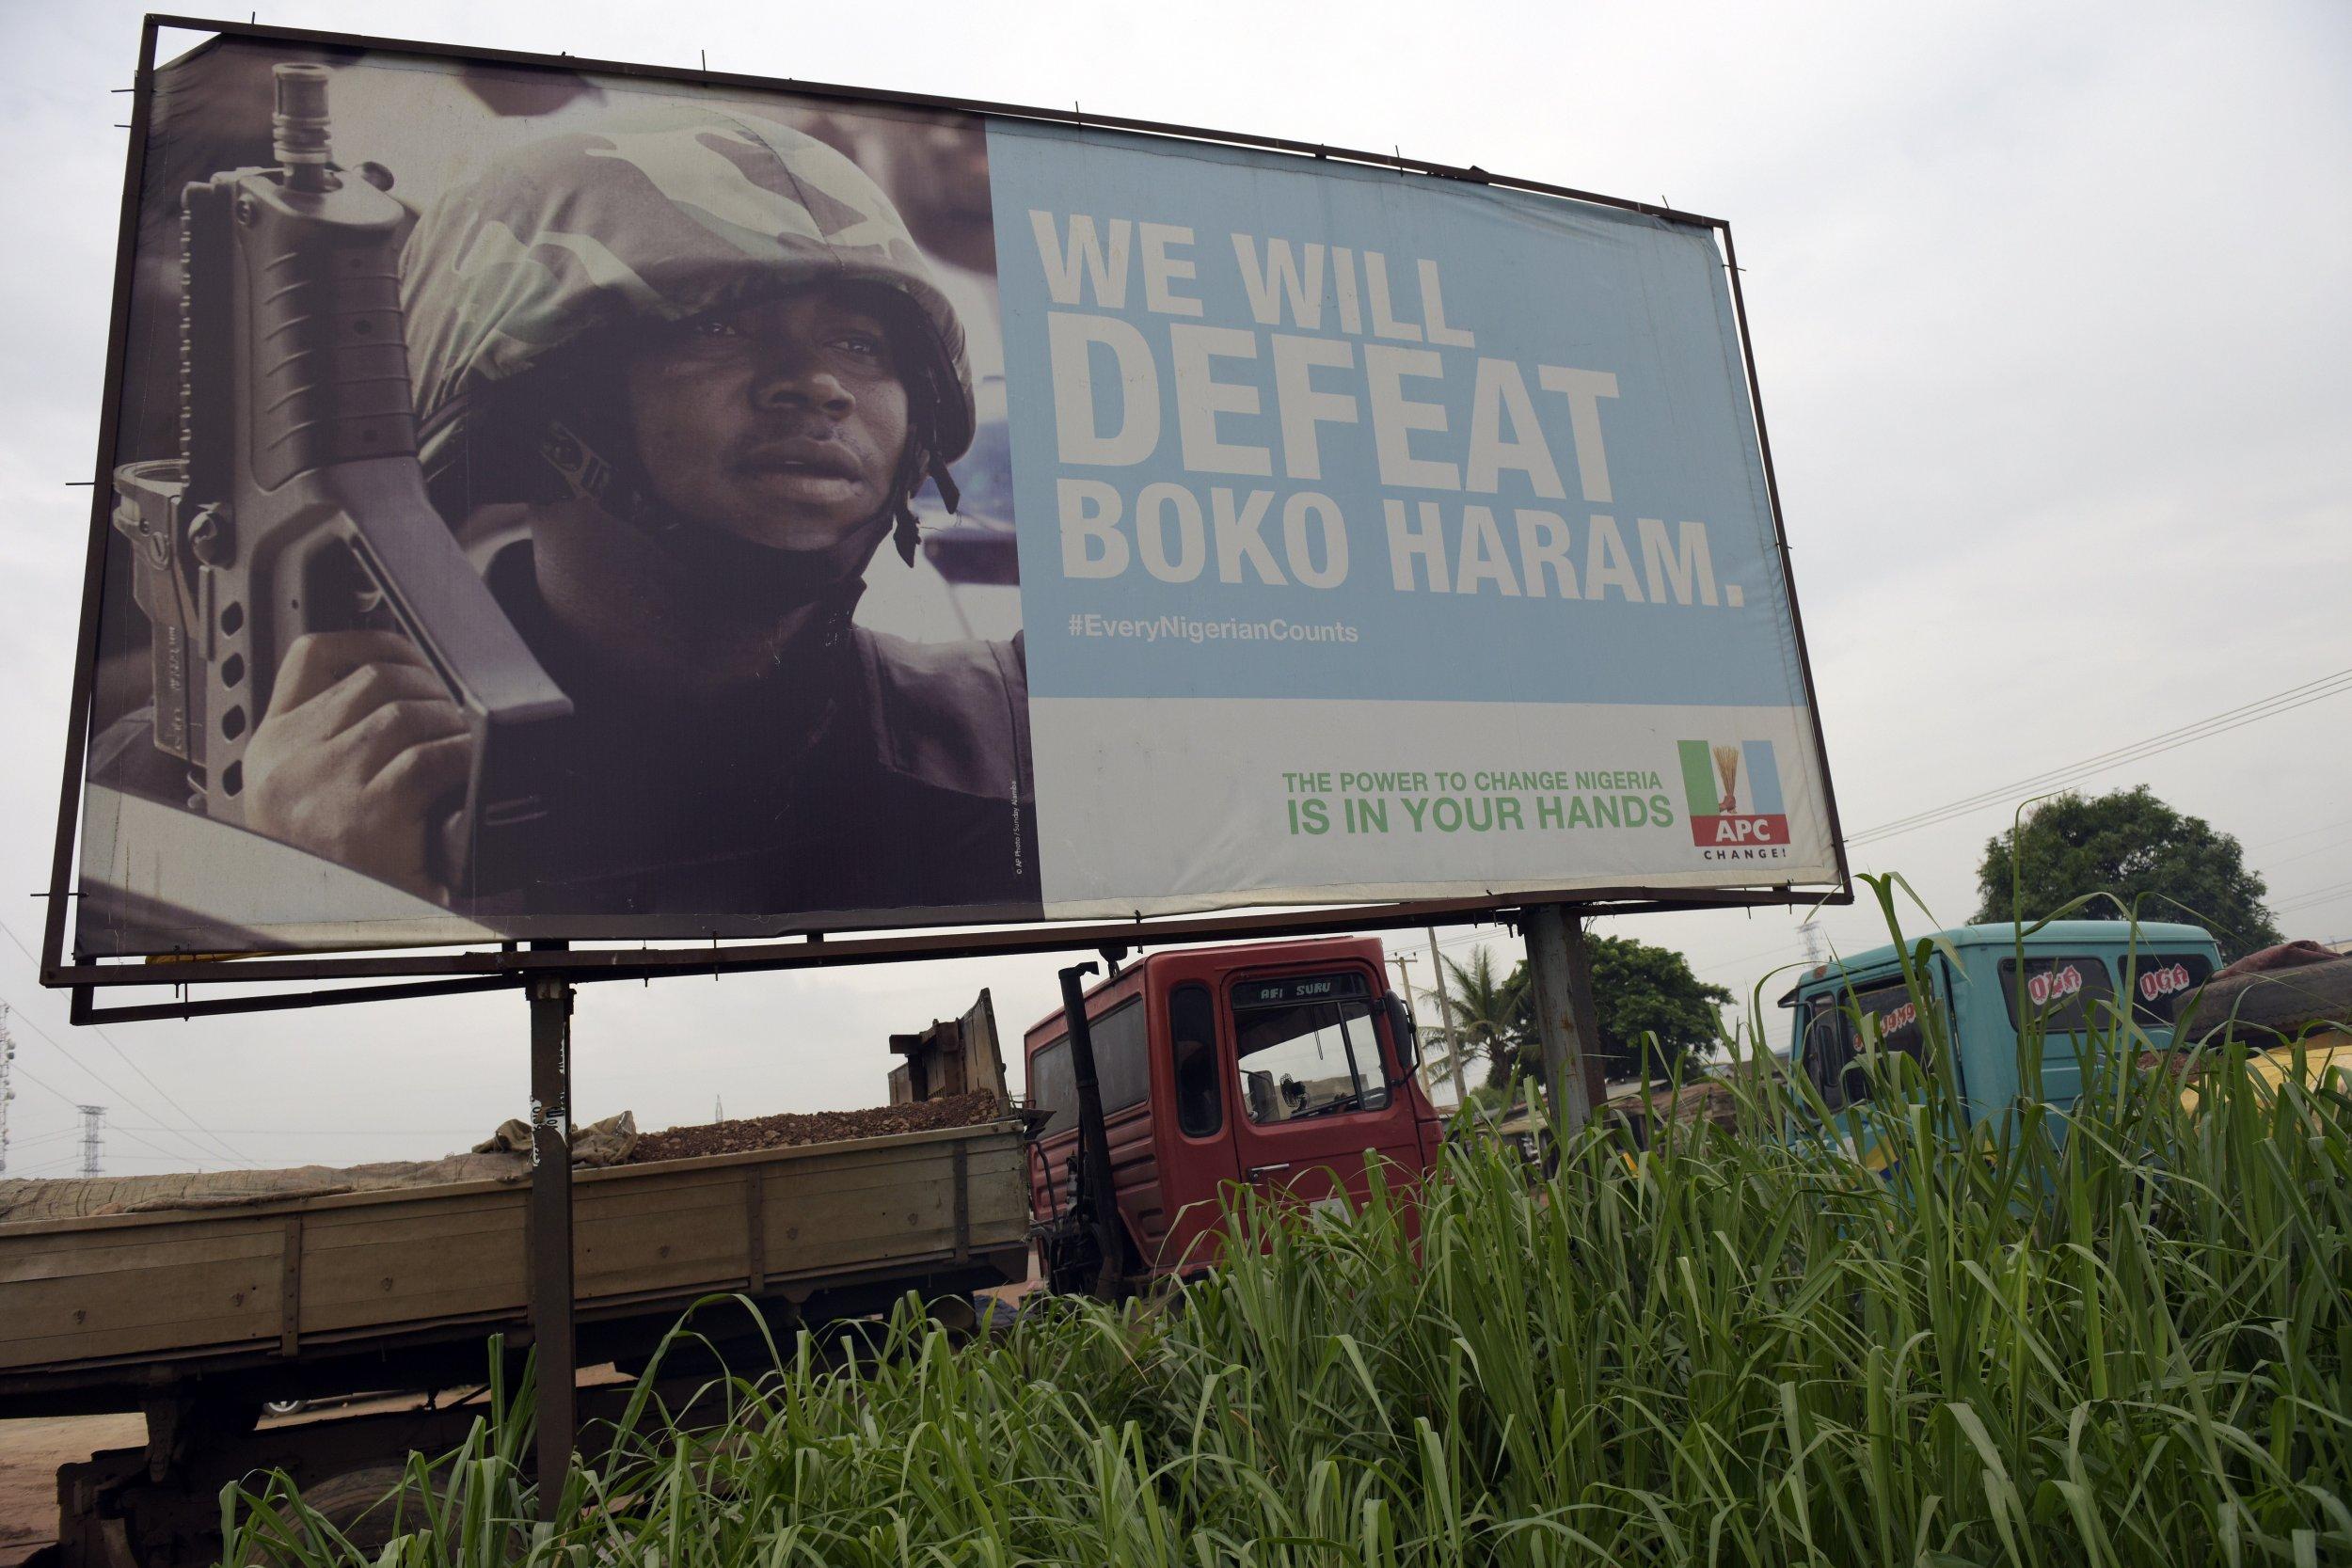 An anti-Boko Haram poster in Nigeria.